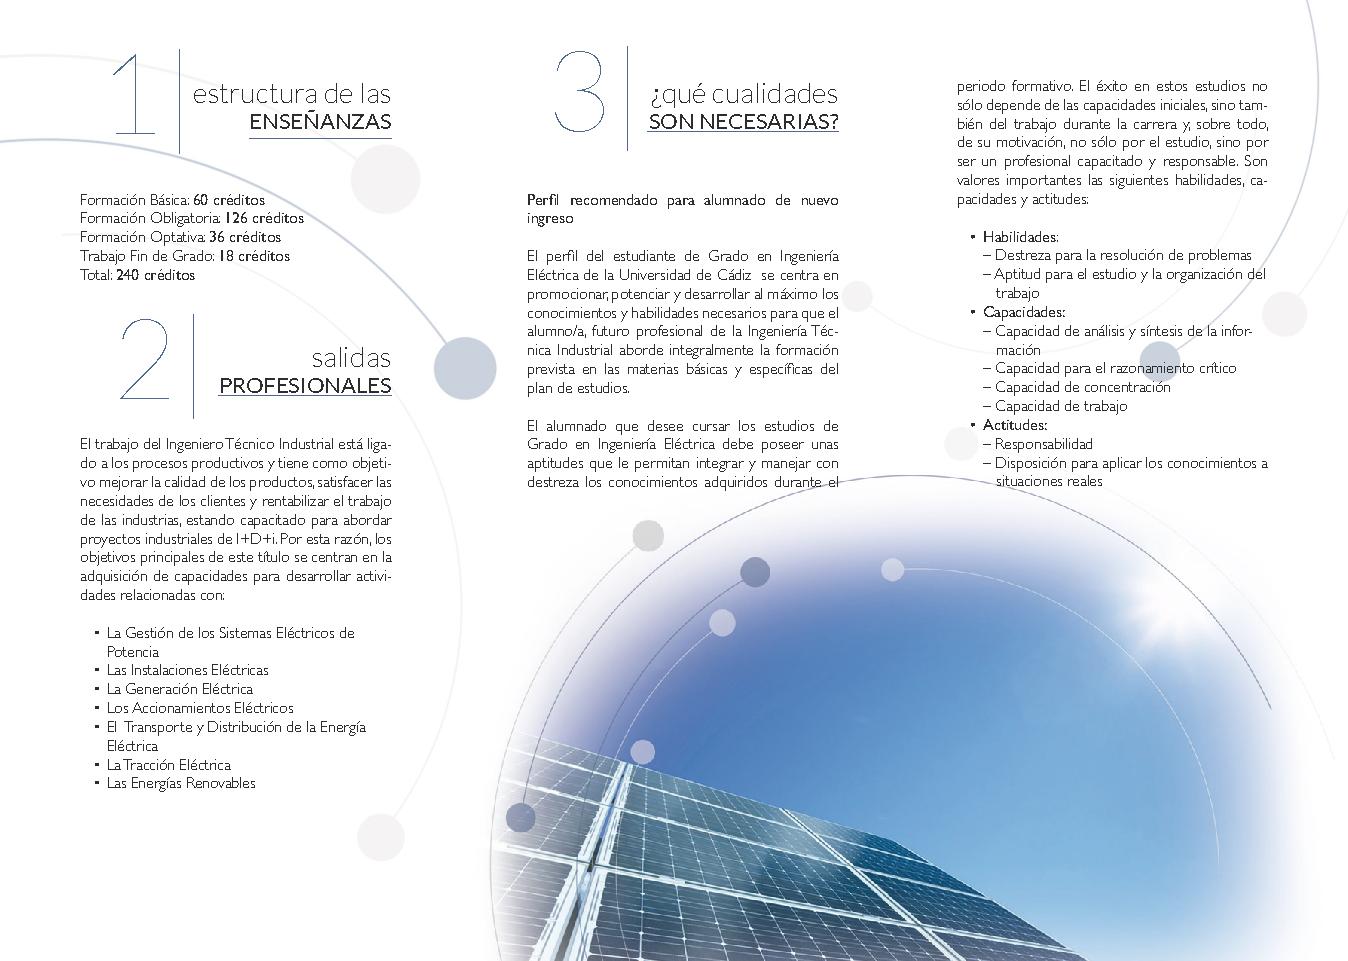 Asombroso Prácticas Reanuda Ingeniería Modelo - Colección De ...